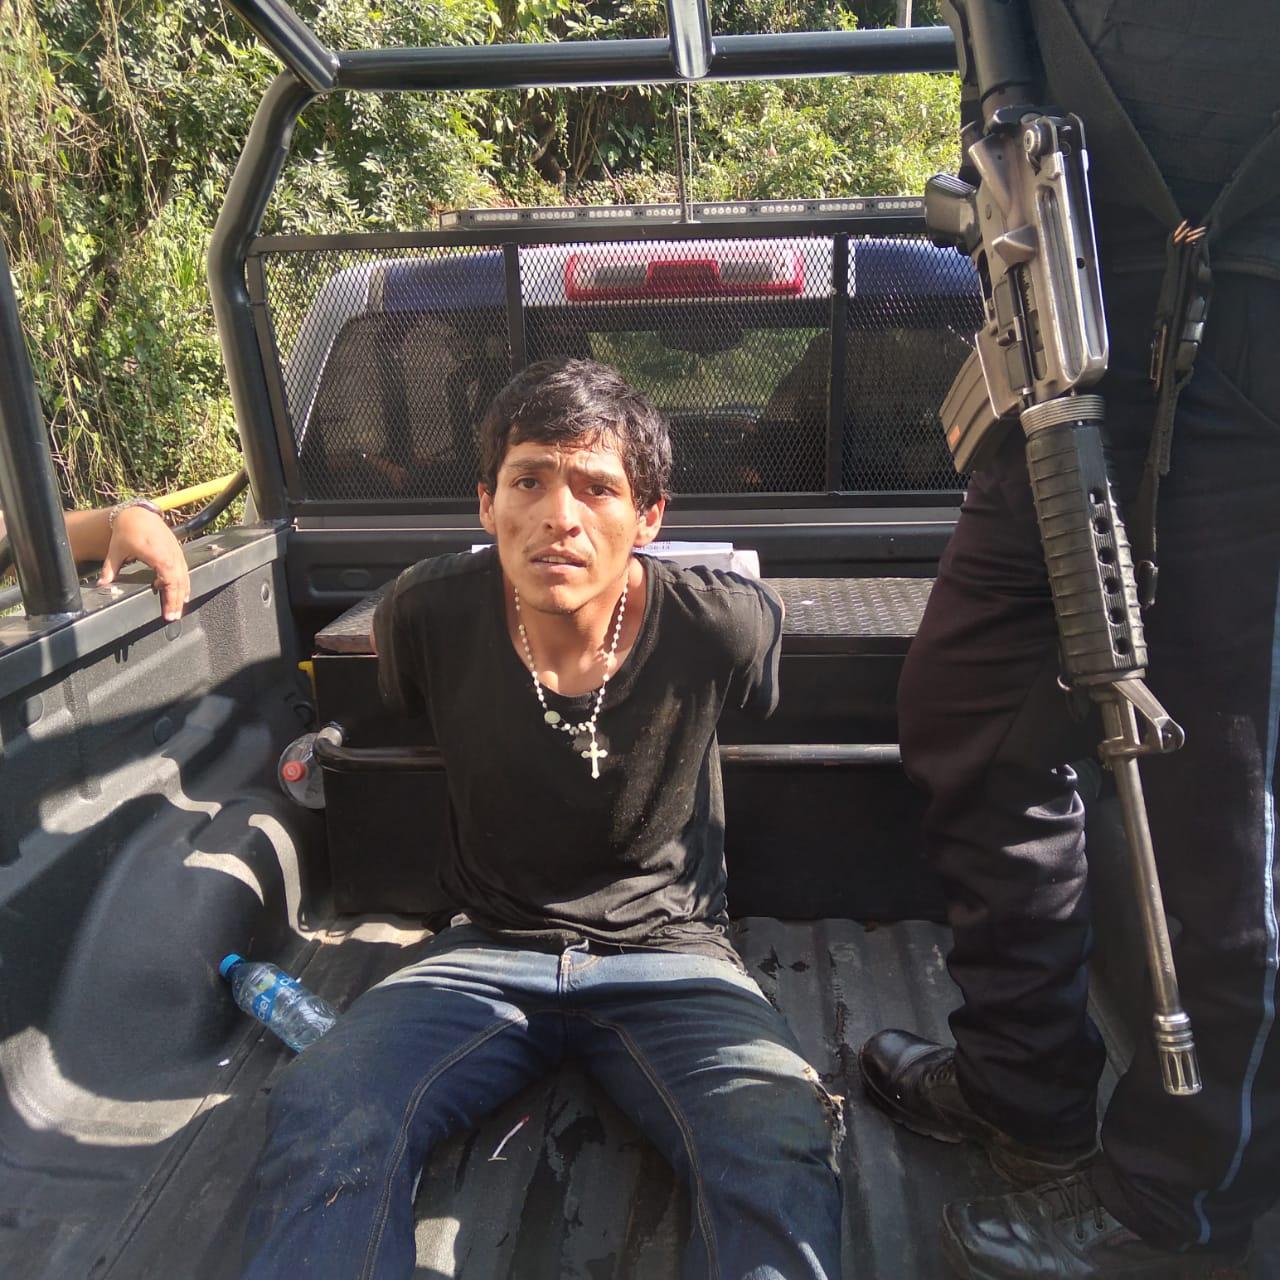 """""""Negocie con su ratero, la denuncia no procederá"""", habría recomendado la MP de Huauchinango a una víctima de robo"""